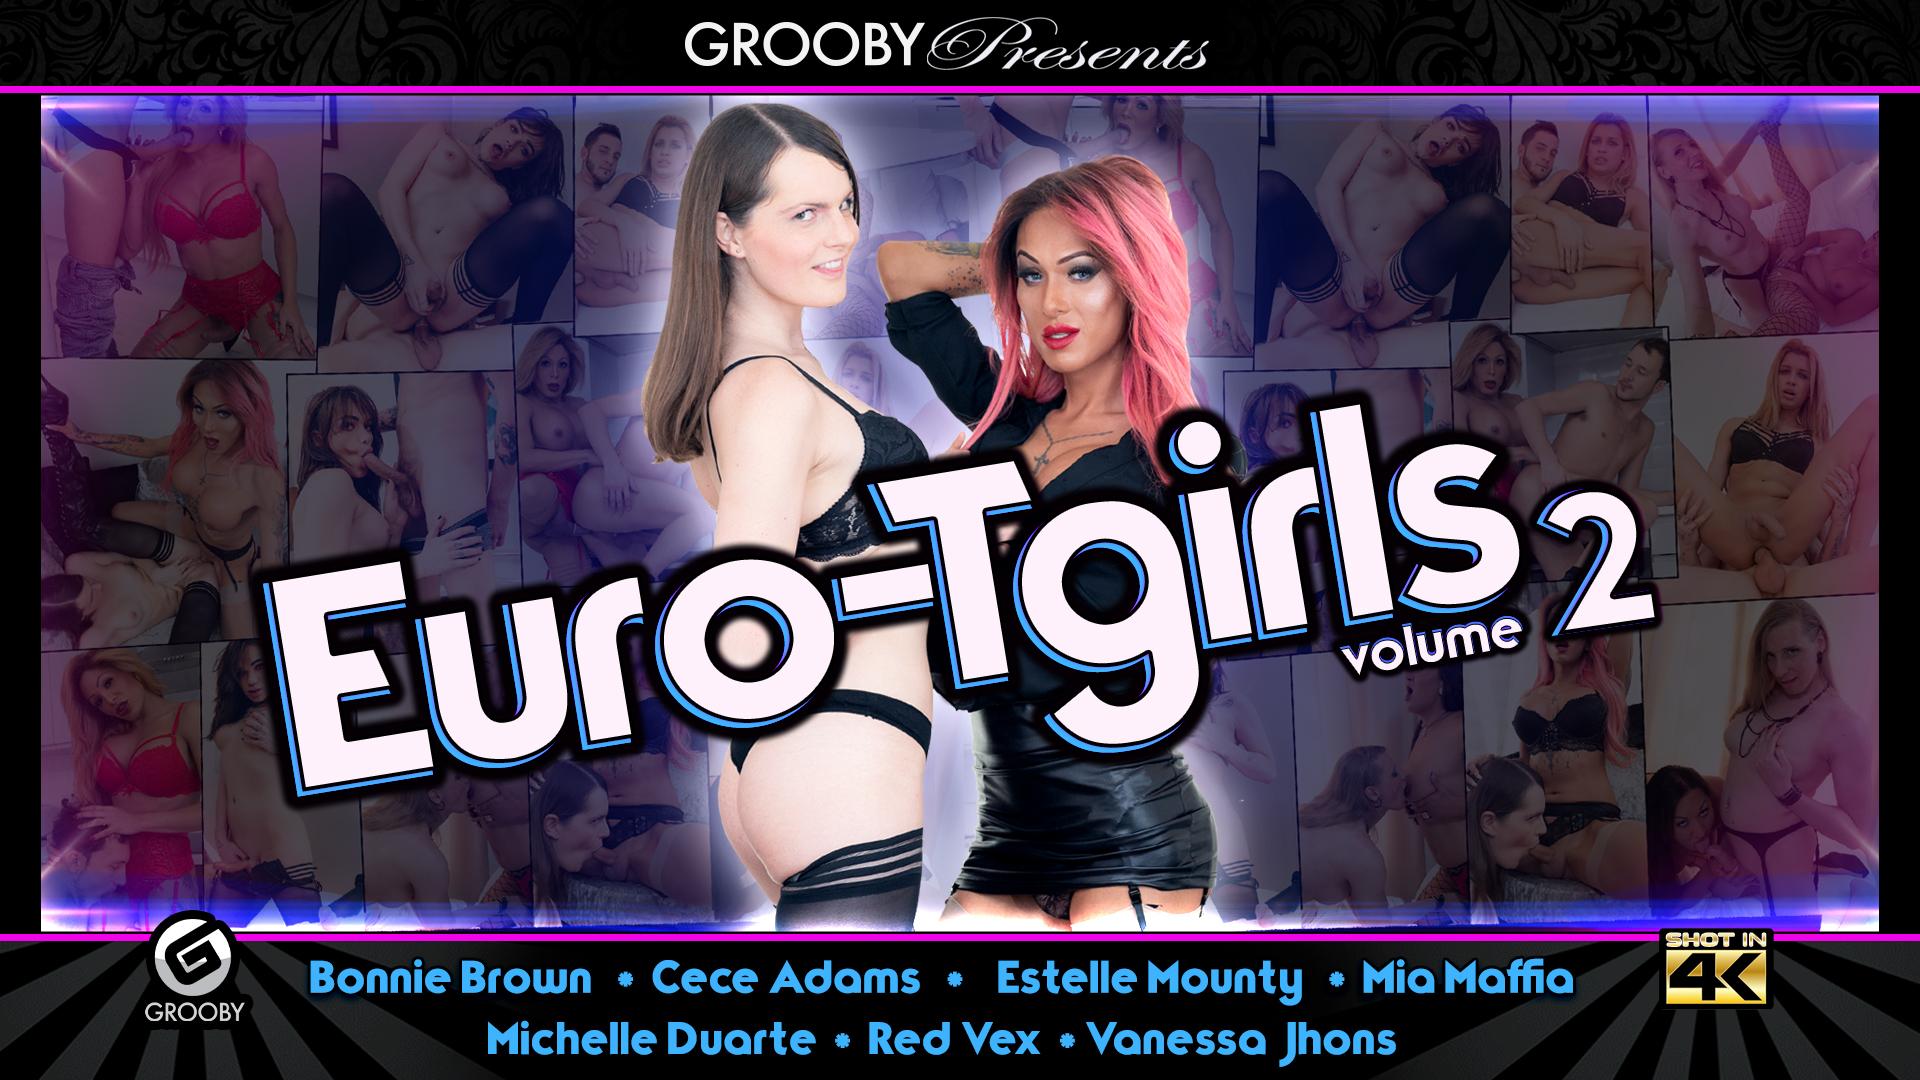 EuroTgirls volume 2 -DVD Trailer